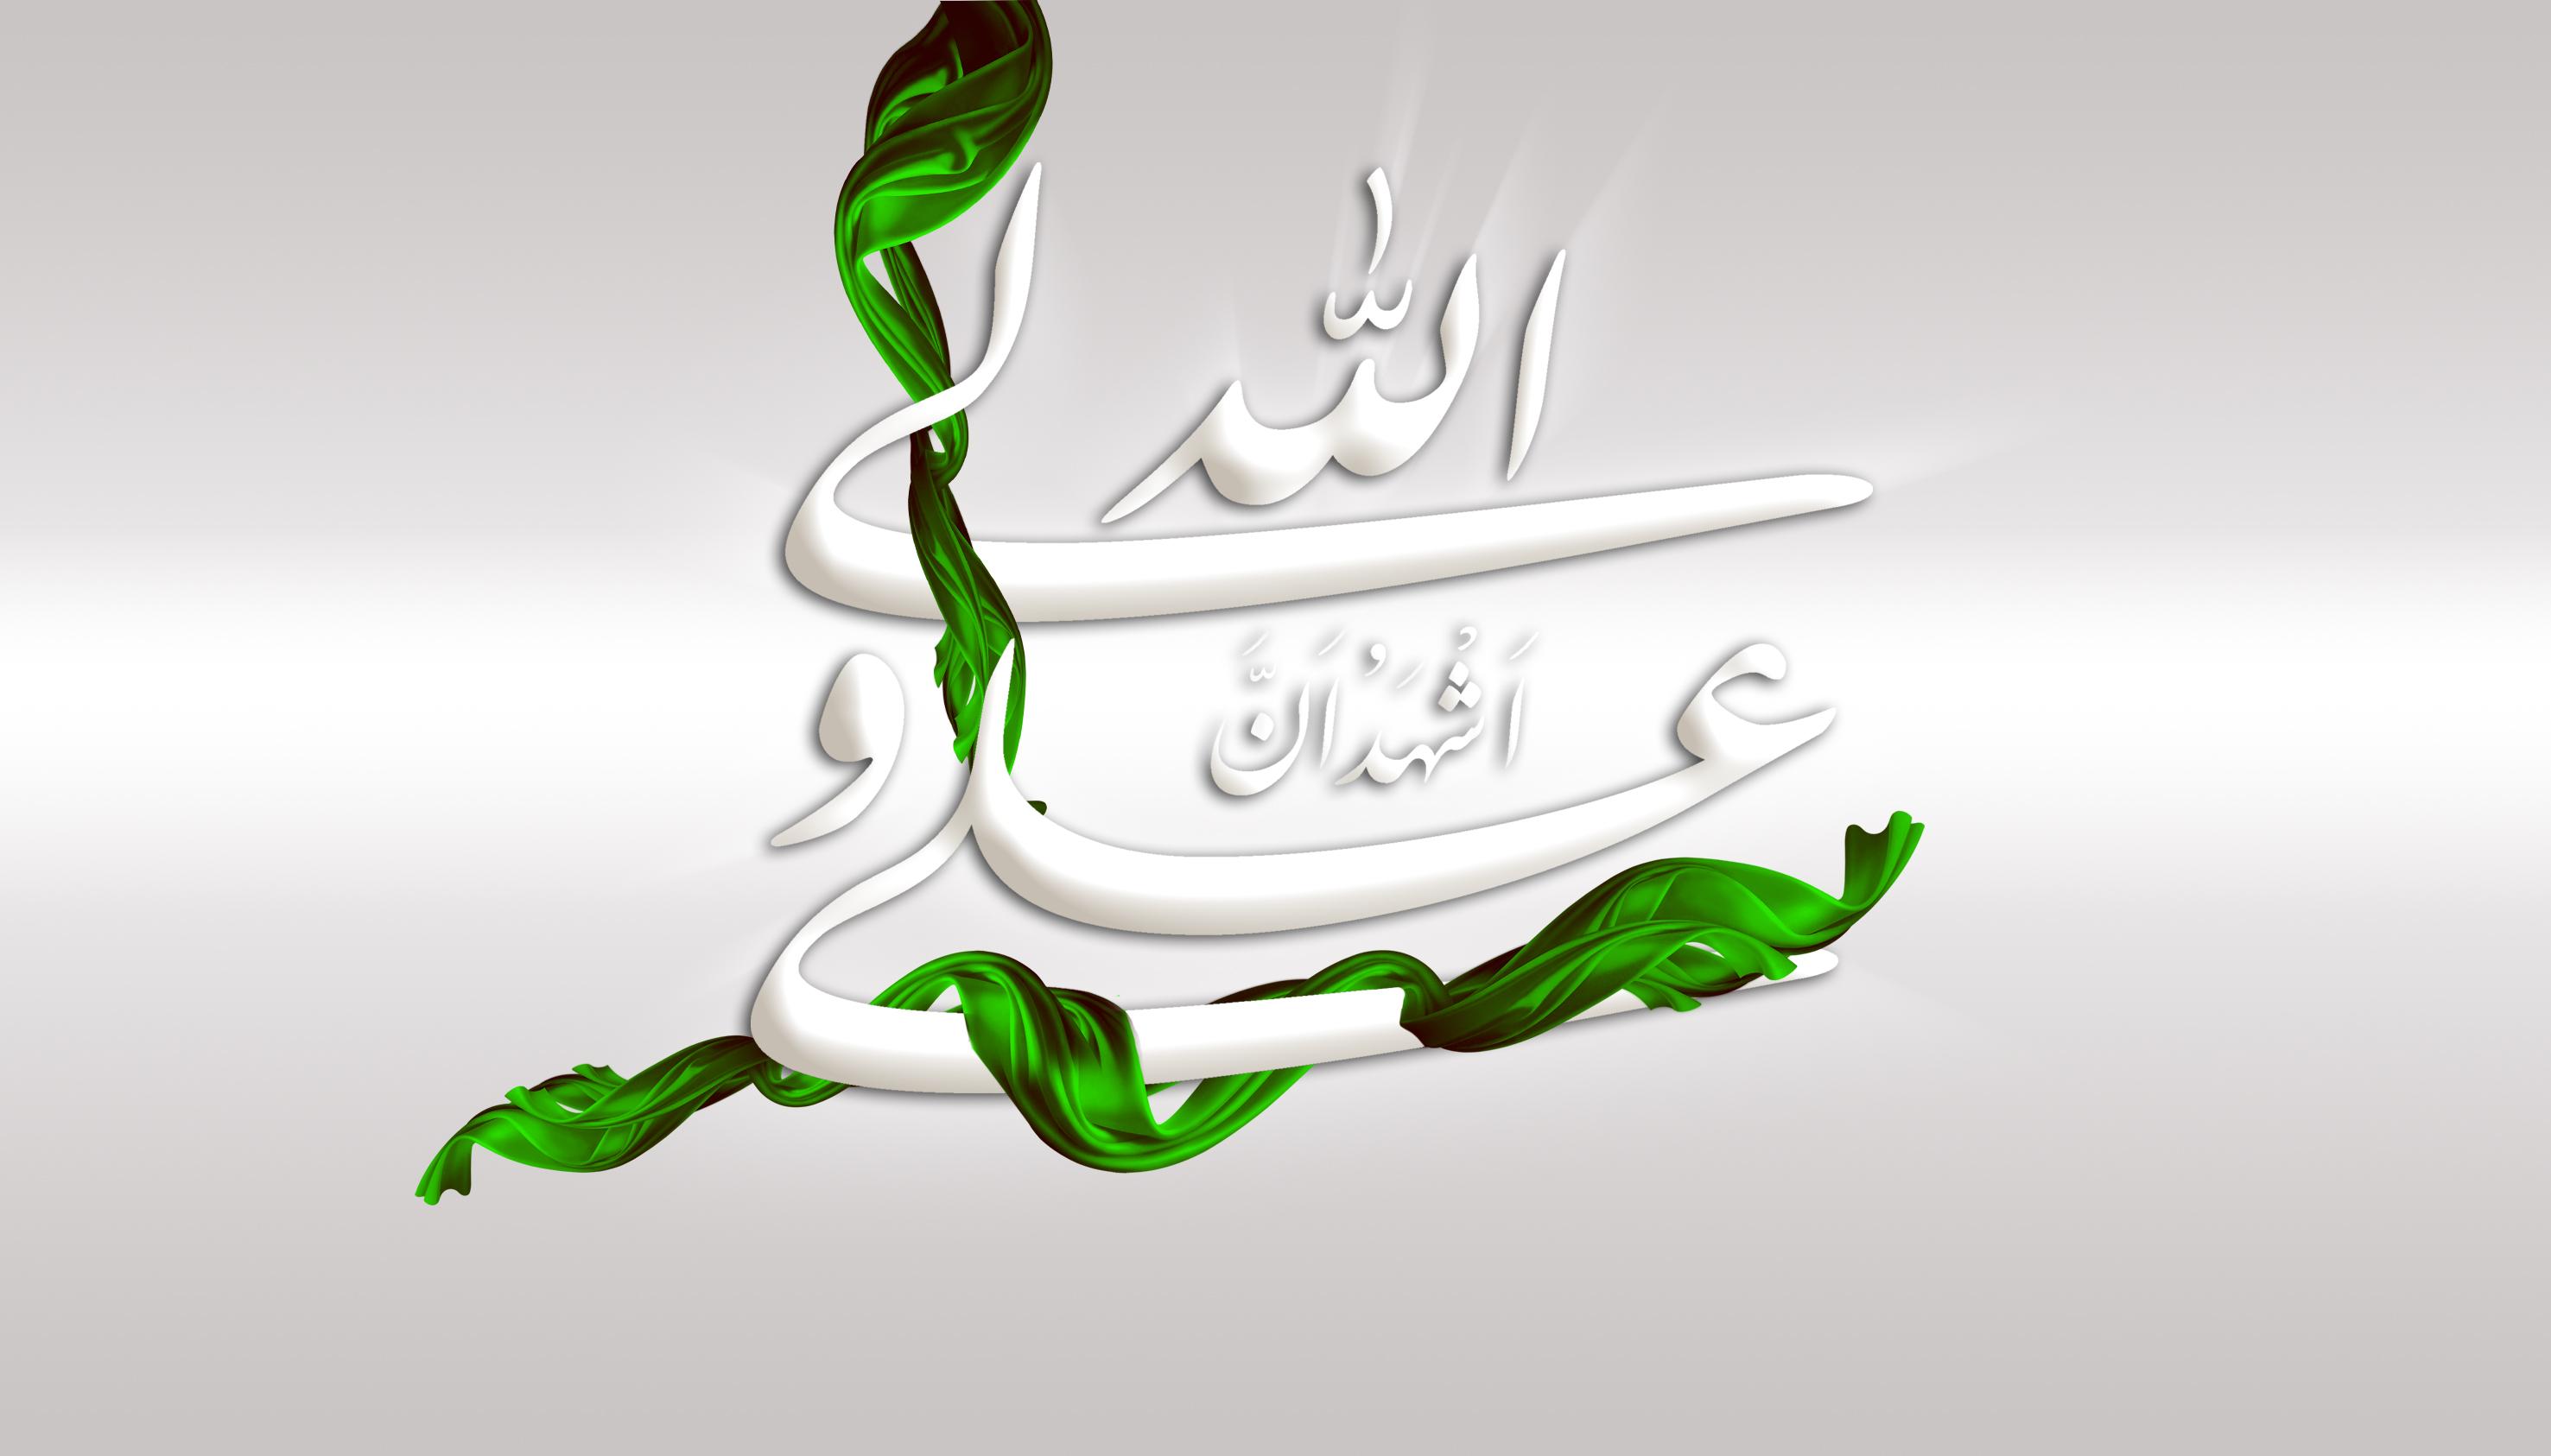 llı.✿.ıll داستان صوتی امام علی (ع) llı.✿.ıll